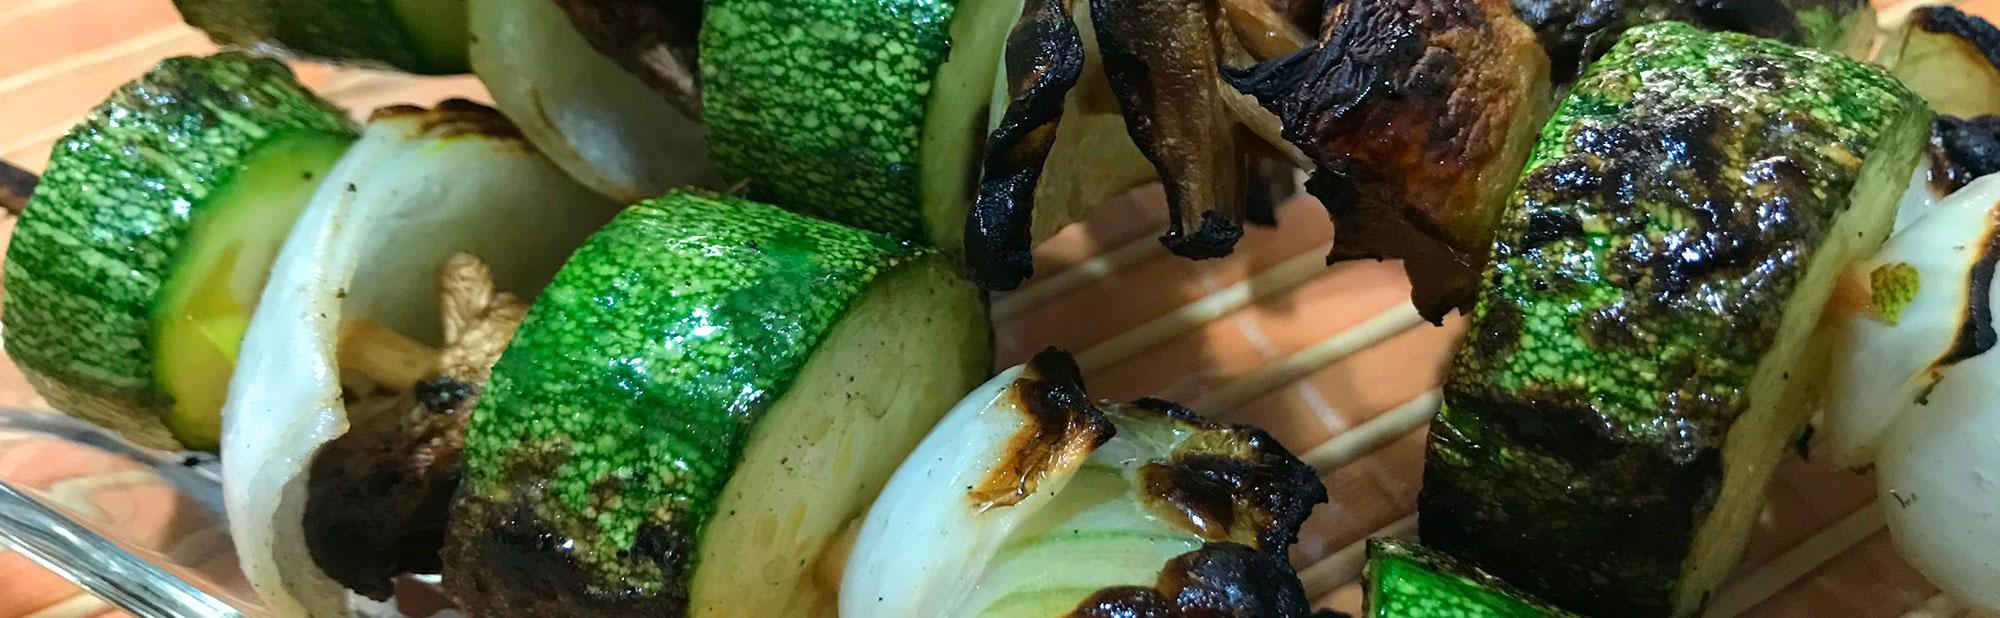 La Antojadera | Brocheta de Vegetales Asados